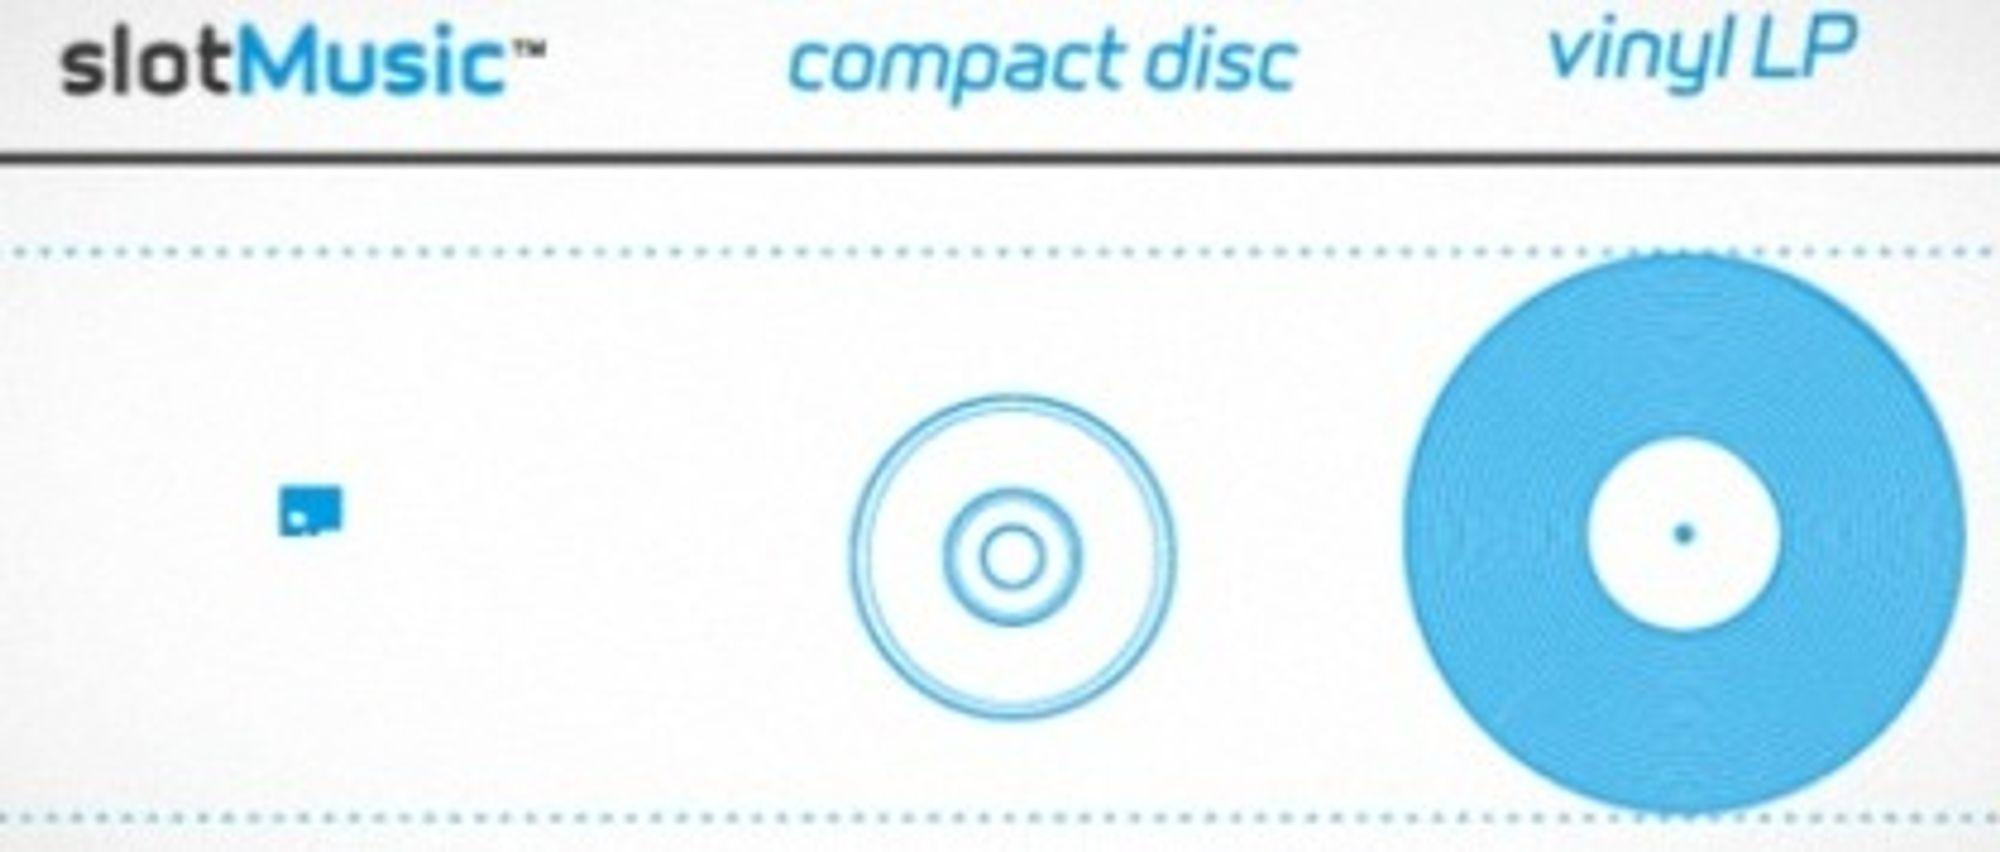 Illustrasjonen viser hvilke ambisjoner plateselskapene har for det nye formatet. De håper å kunne erstatte CD-plata. (Kilde: slotmusic.org)